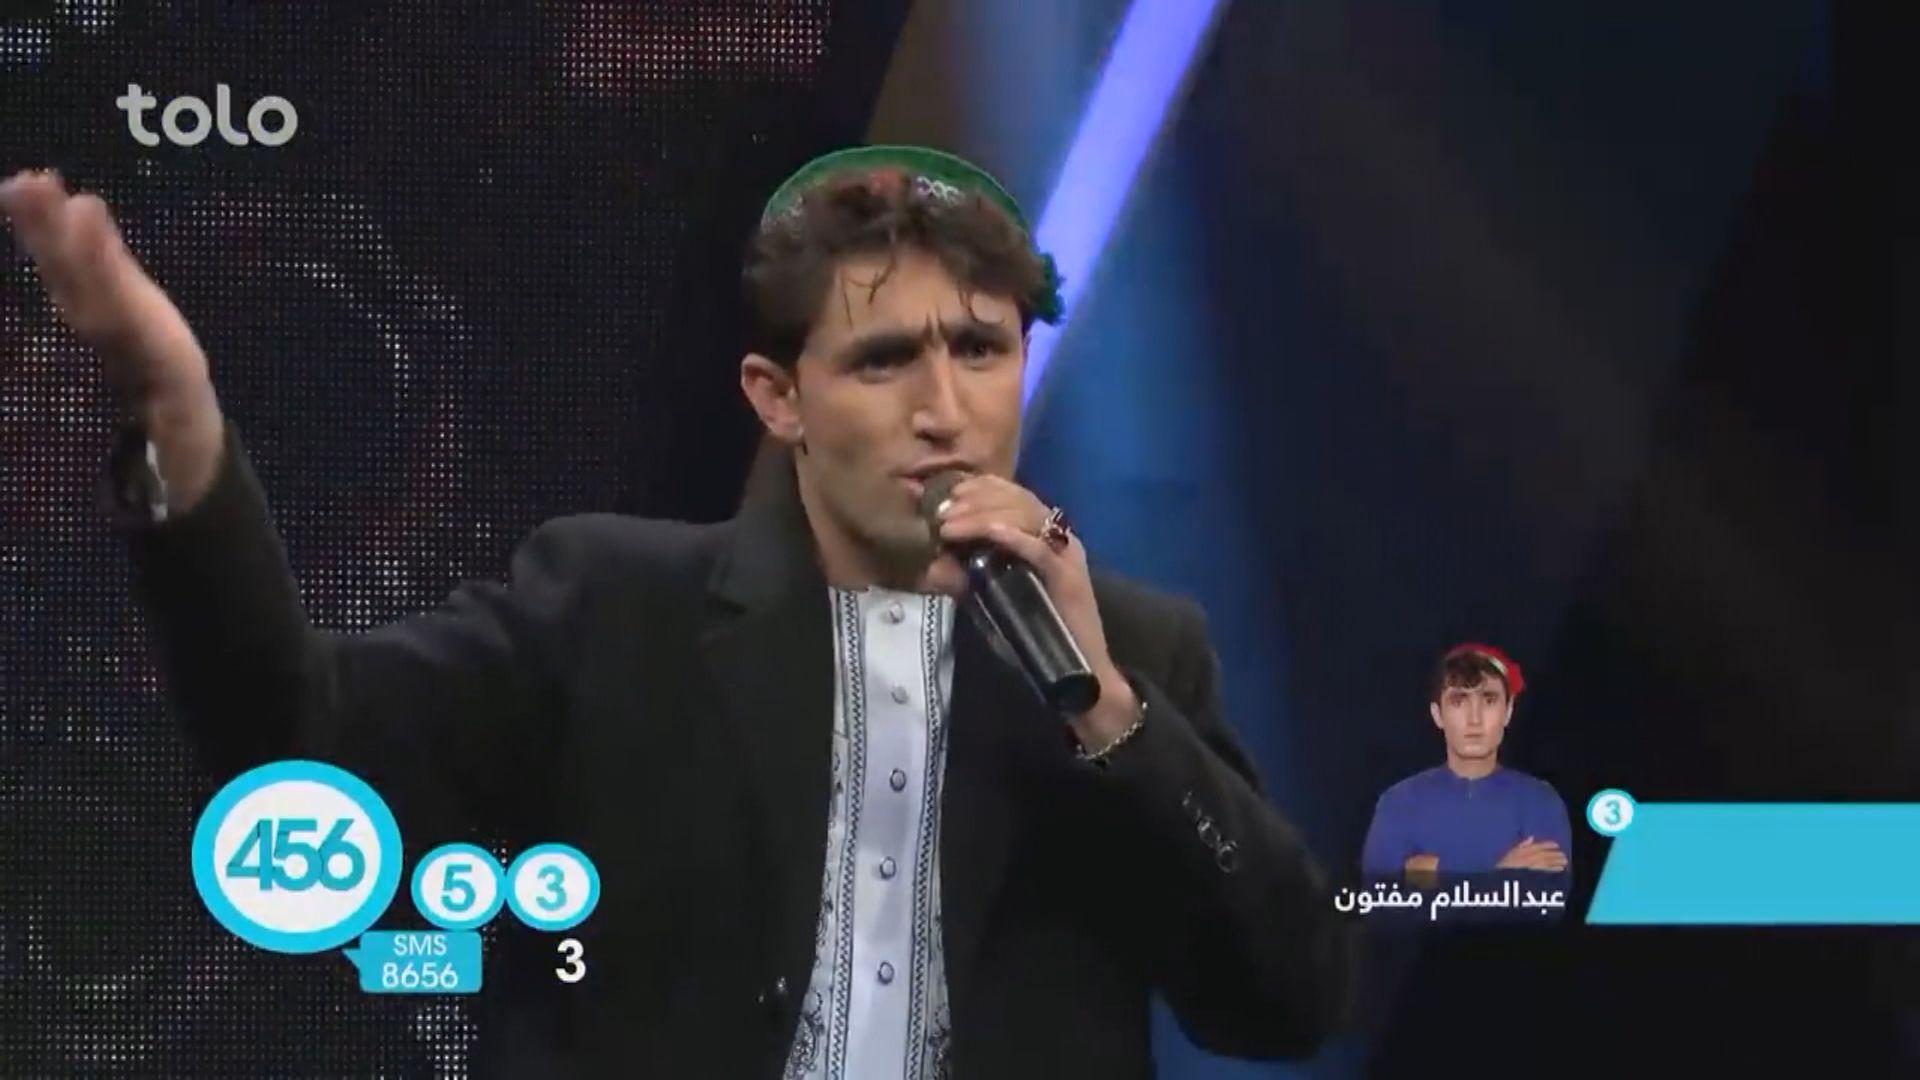 【環球薈報】阿富汗歌手與加國總理杜魯多「撞樣」